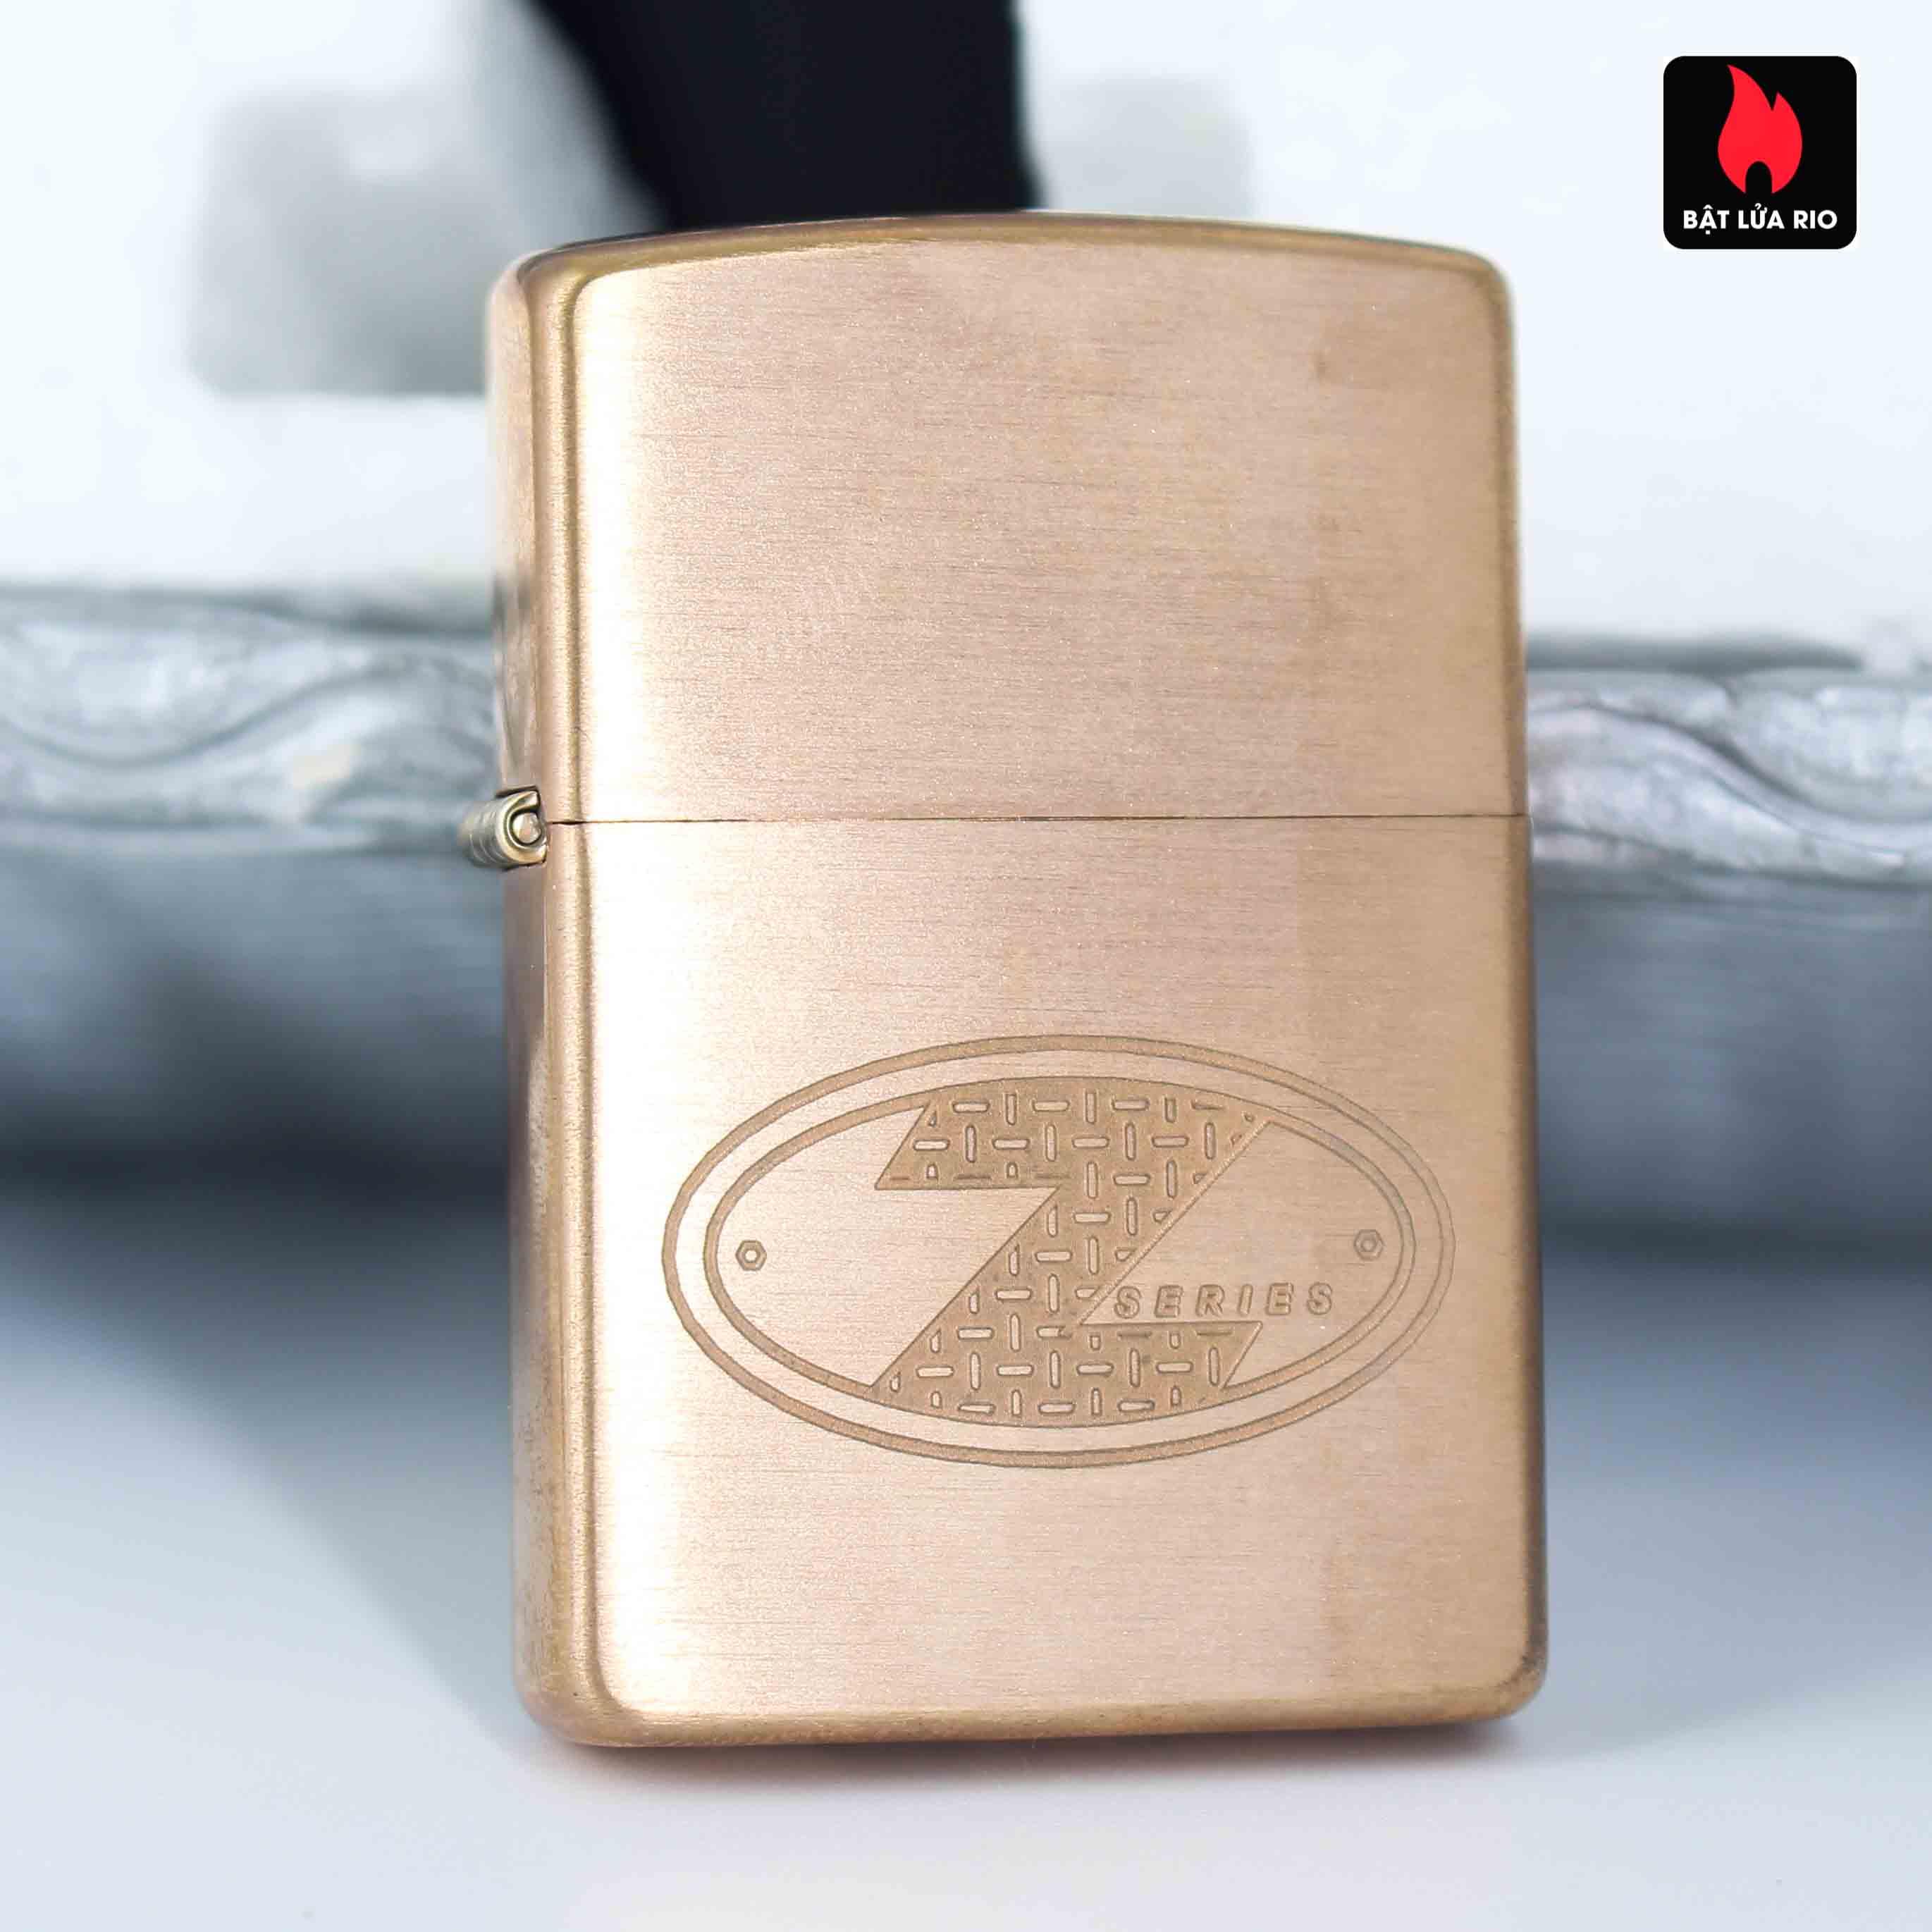 Zippo 2002 – Zippo Z-Series Copper Project – EU - Limited 1505/3646 E 7